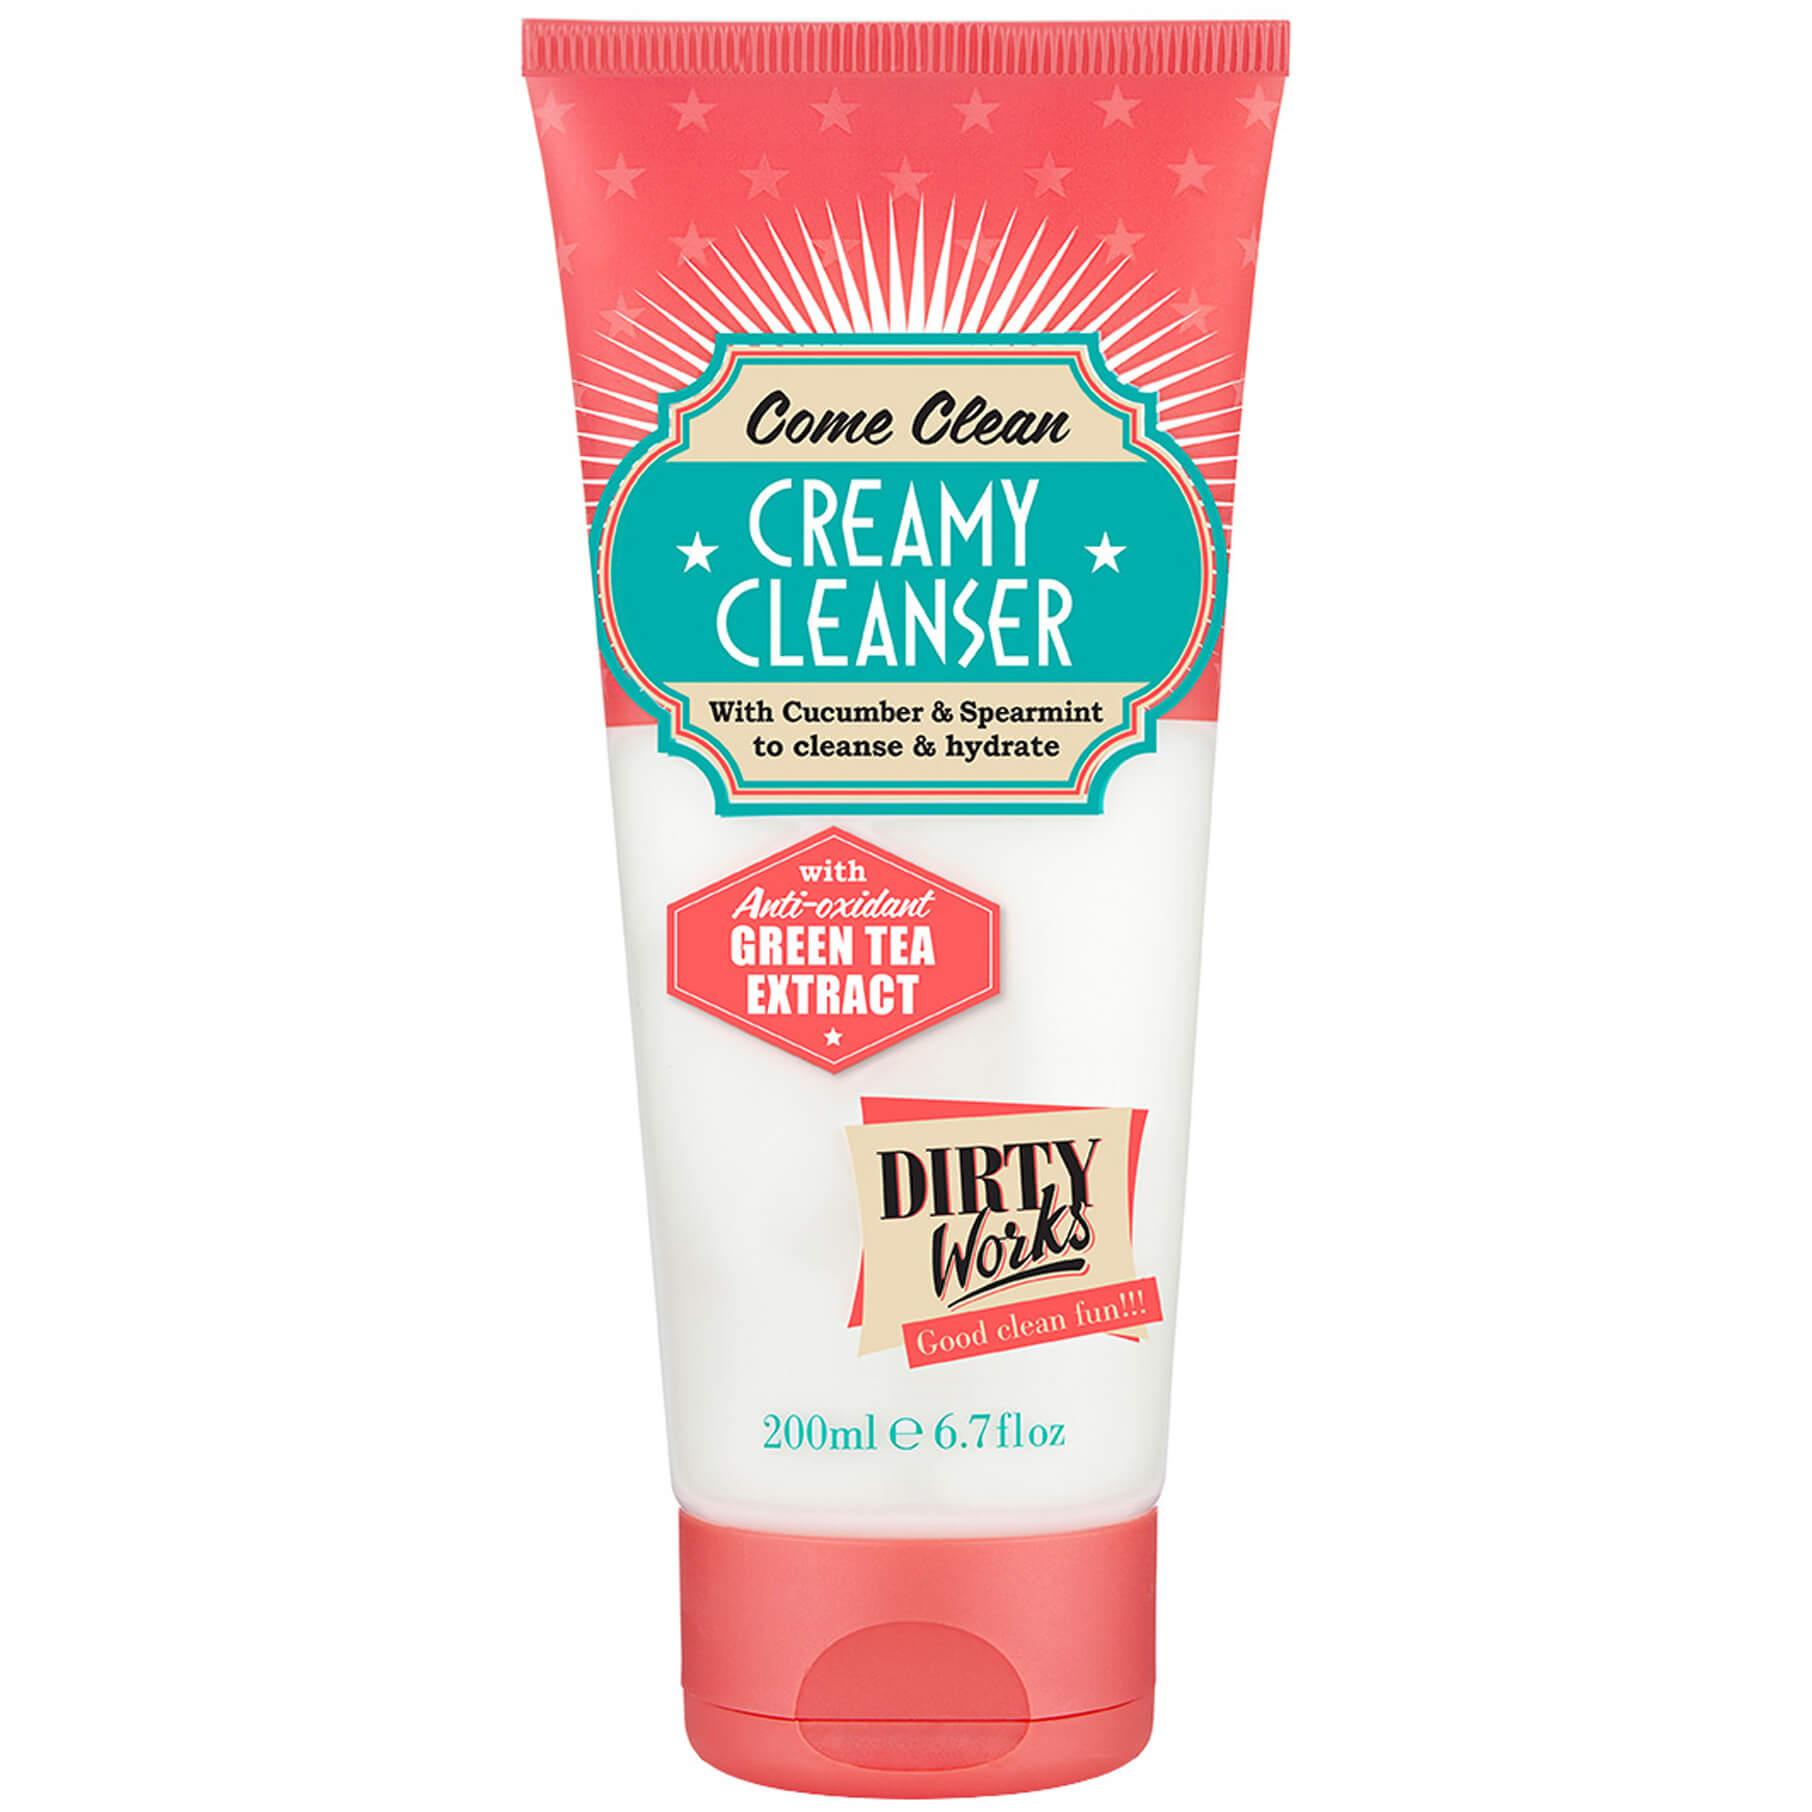 Dirty Works Come Clean Creamy Cleanser Κρεμώδες Καθαριστικό Προσώπου με Ενυδατικούς Παράγοντες 200ml